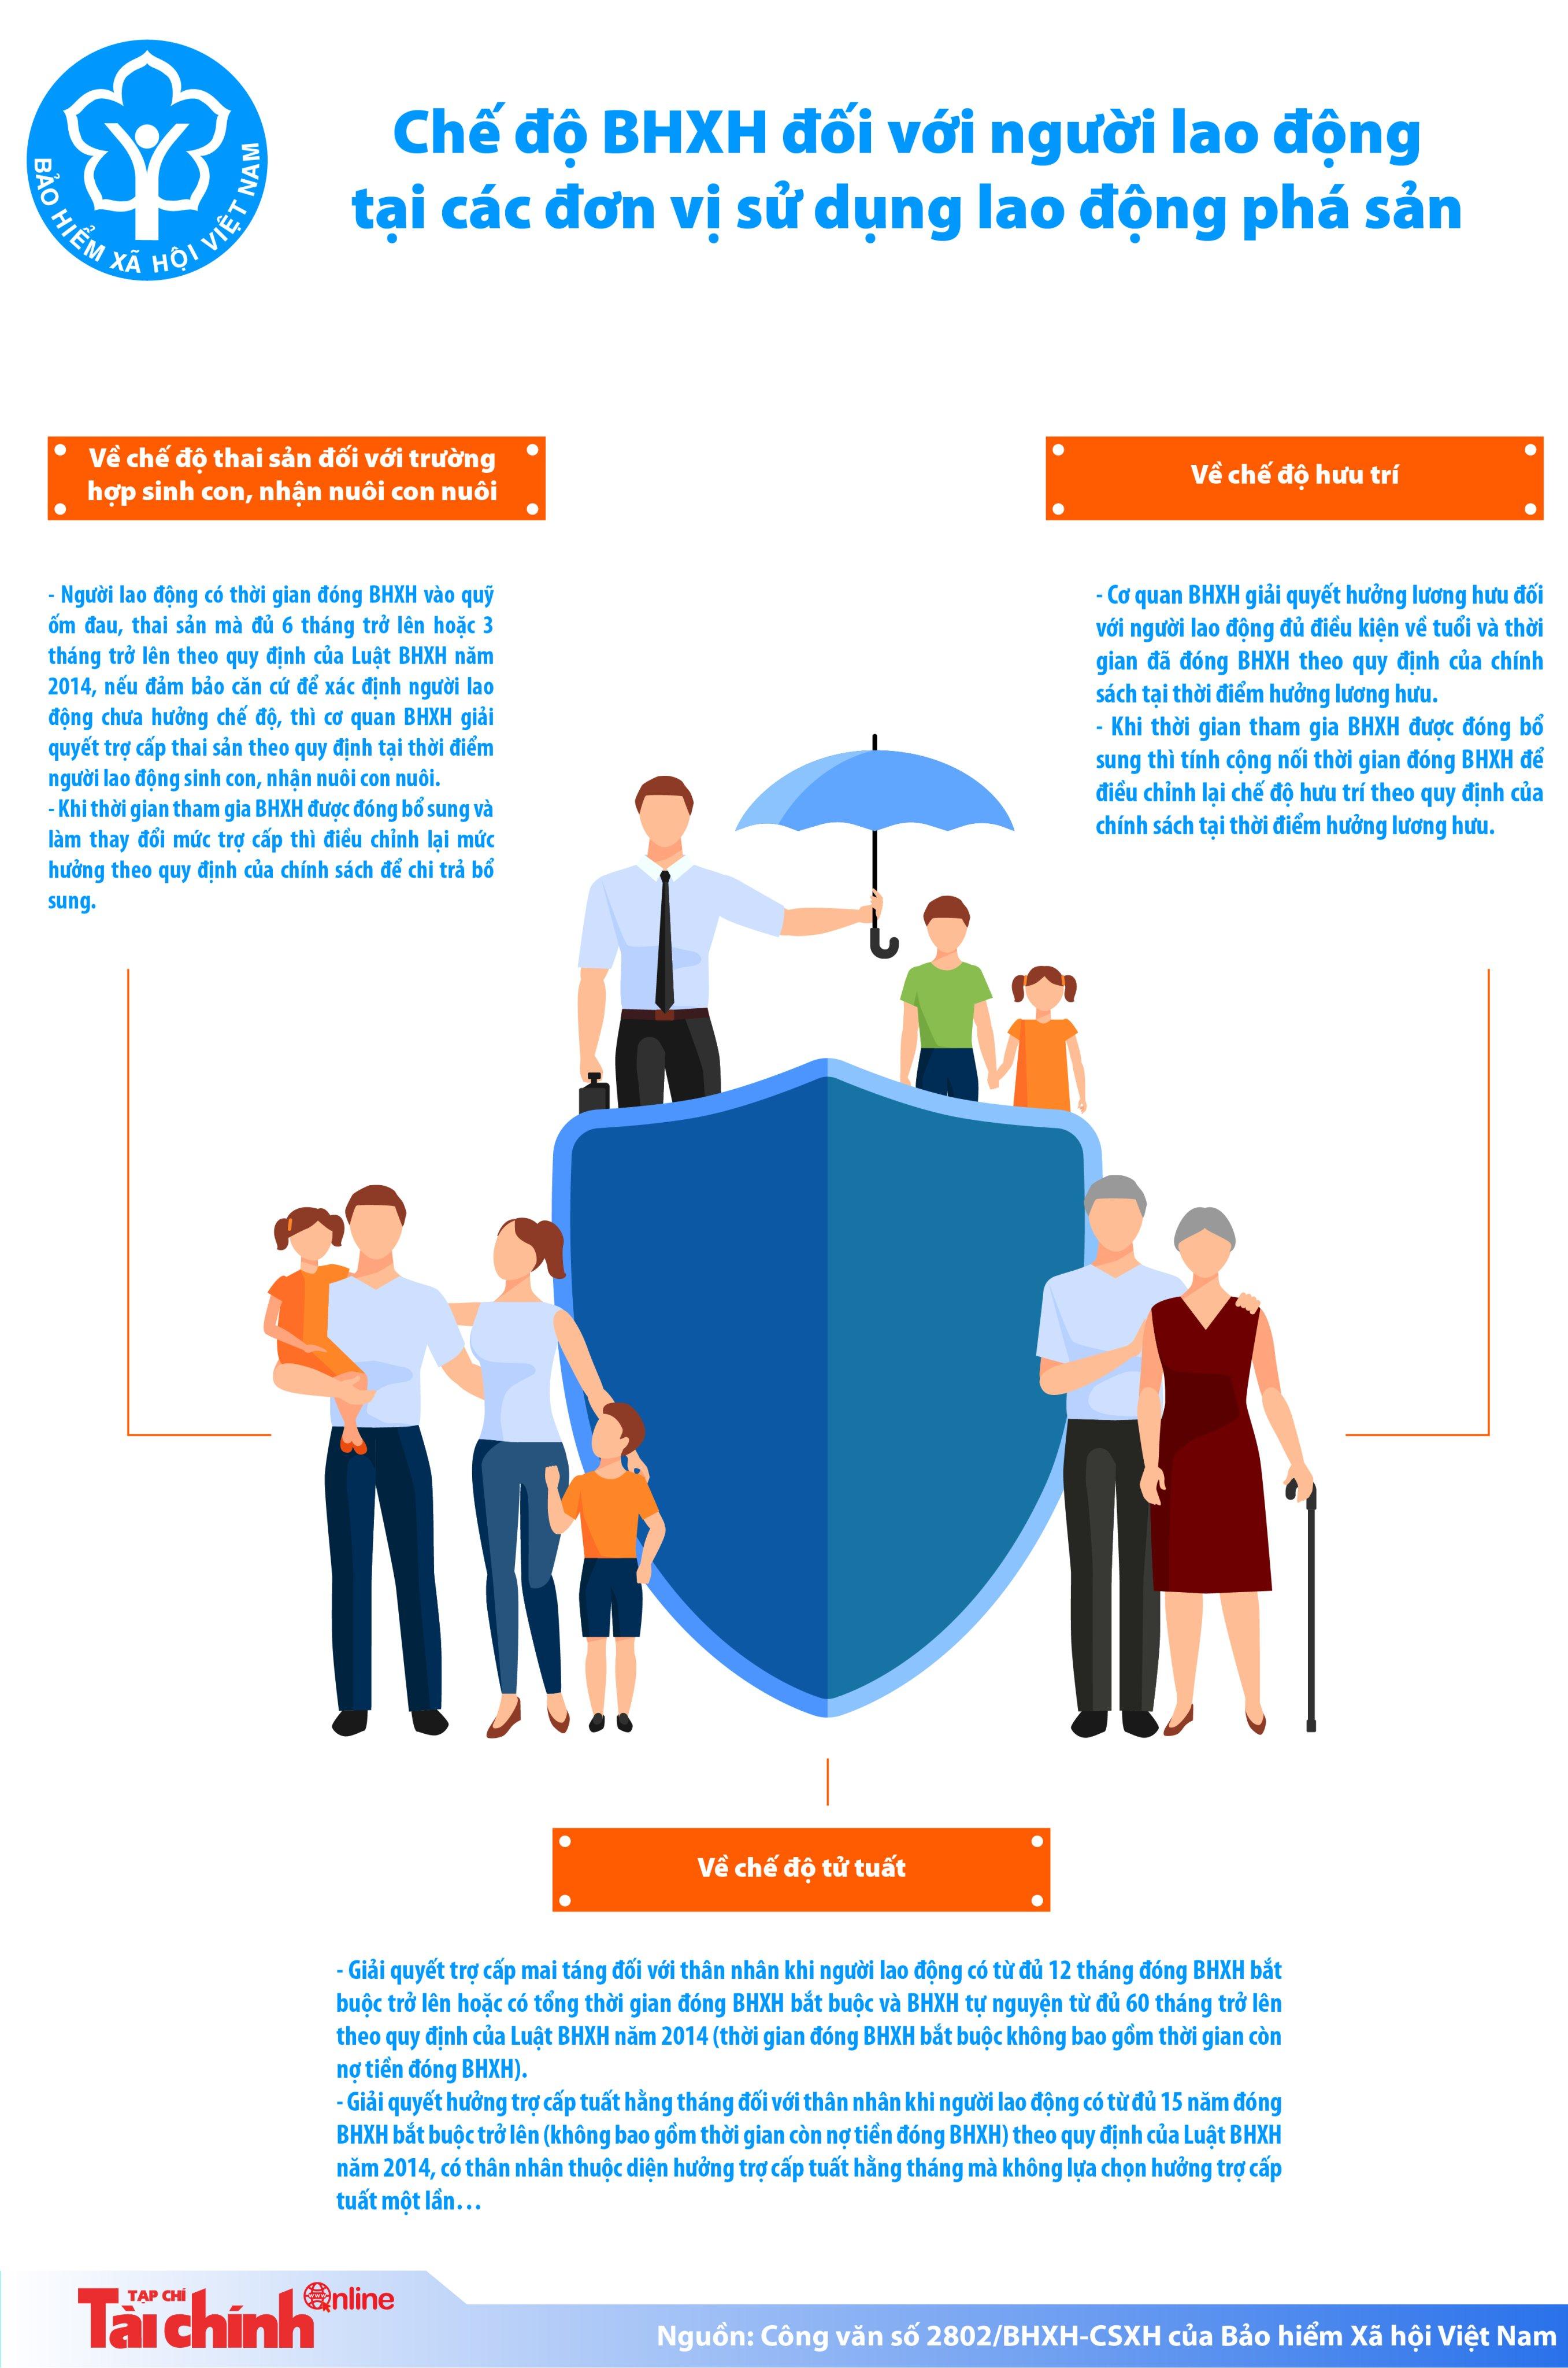 [Infographics] Chế độ bảo hiểm xã hội với người lao động tại đơn vị sử dụng lao động phá sản?  - Ảnh 1